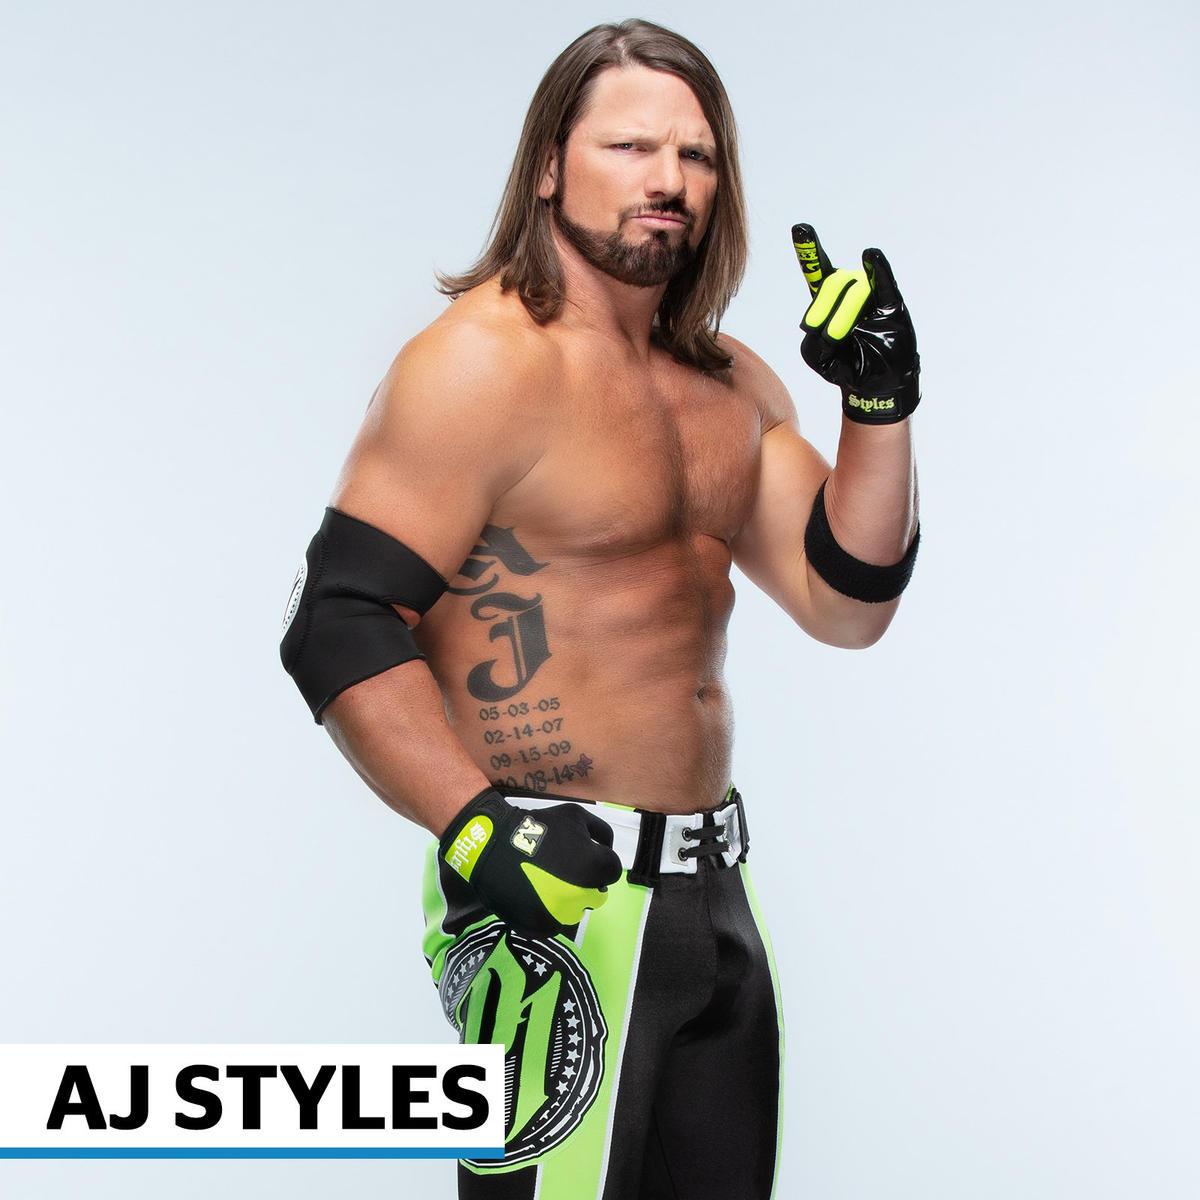 Coolest Superstar ring gear: photos | WWE